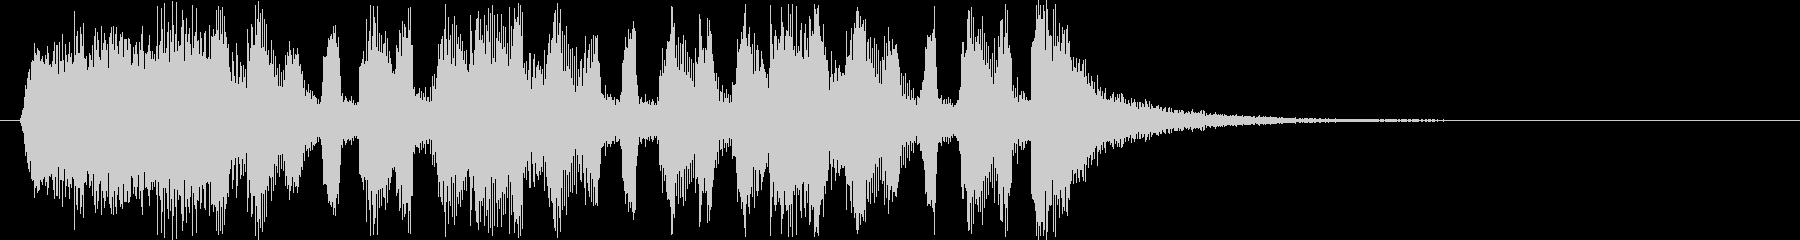 慌ただしいコミカルな効果音の未再生の波形